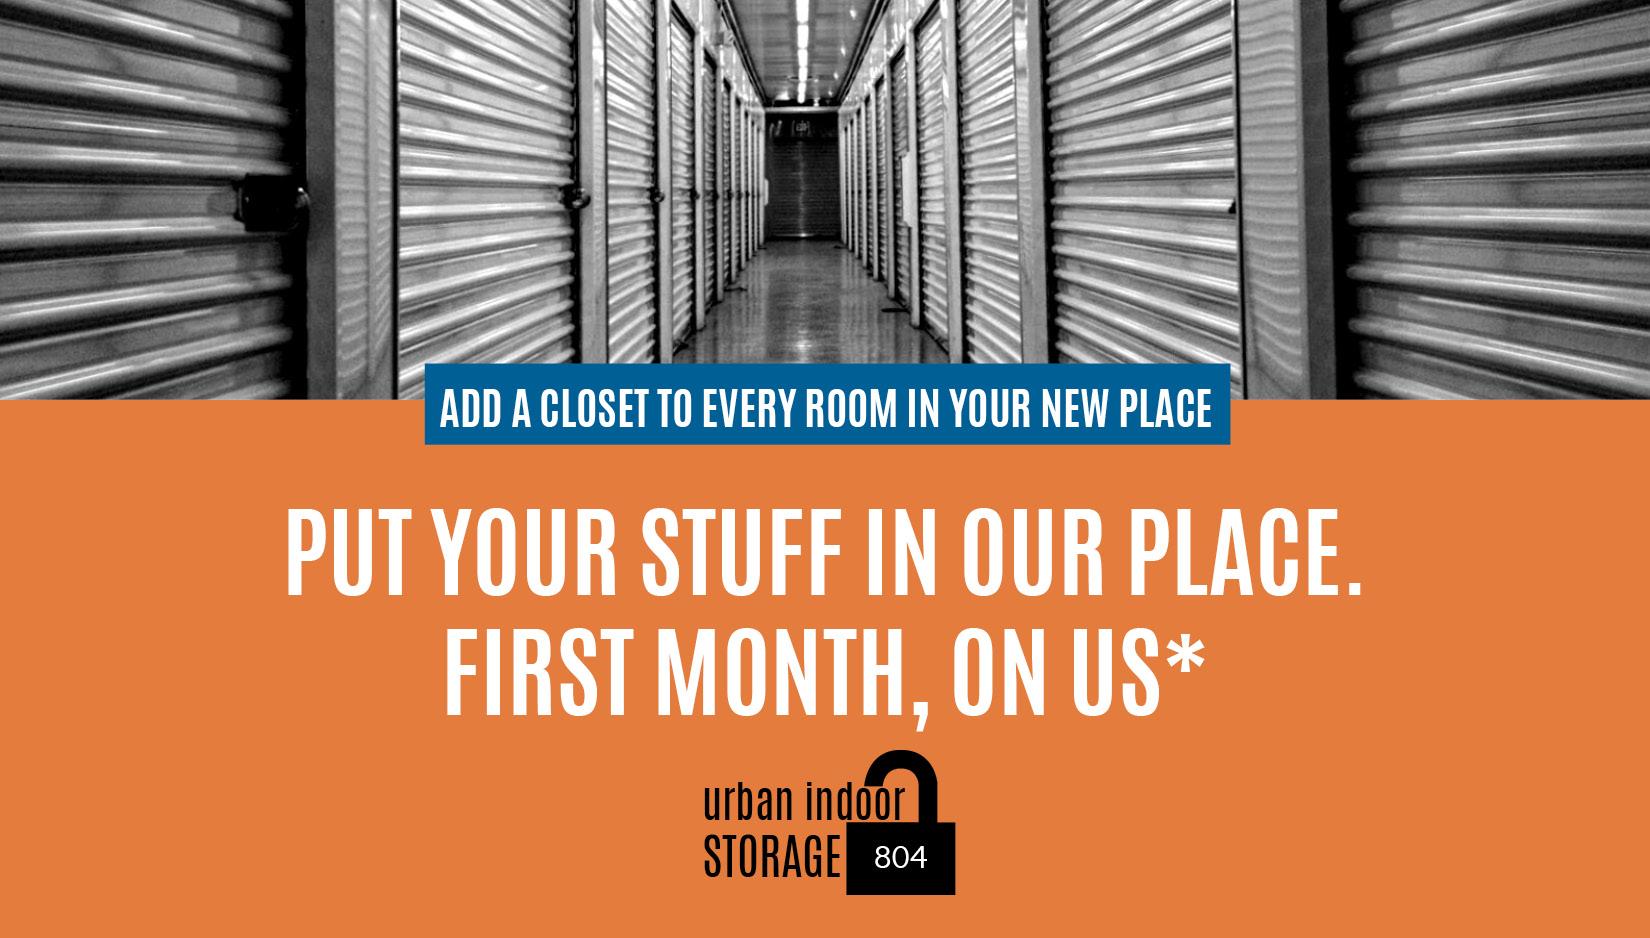 Urban Indoor Storage